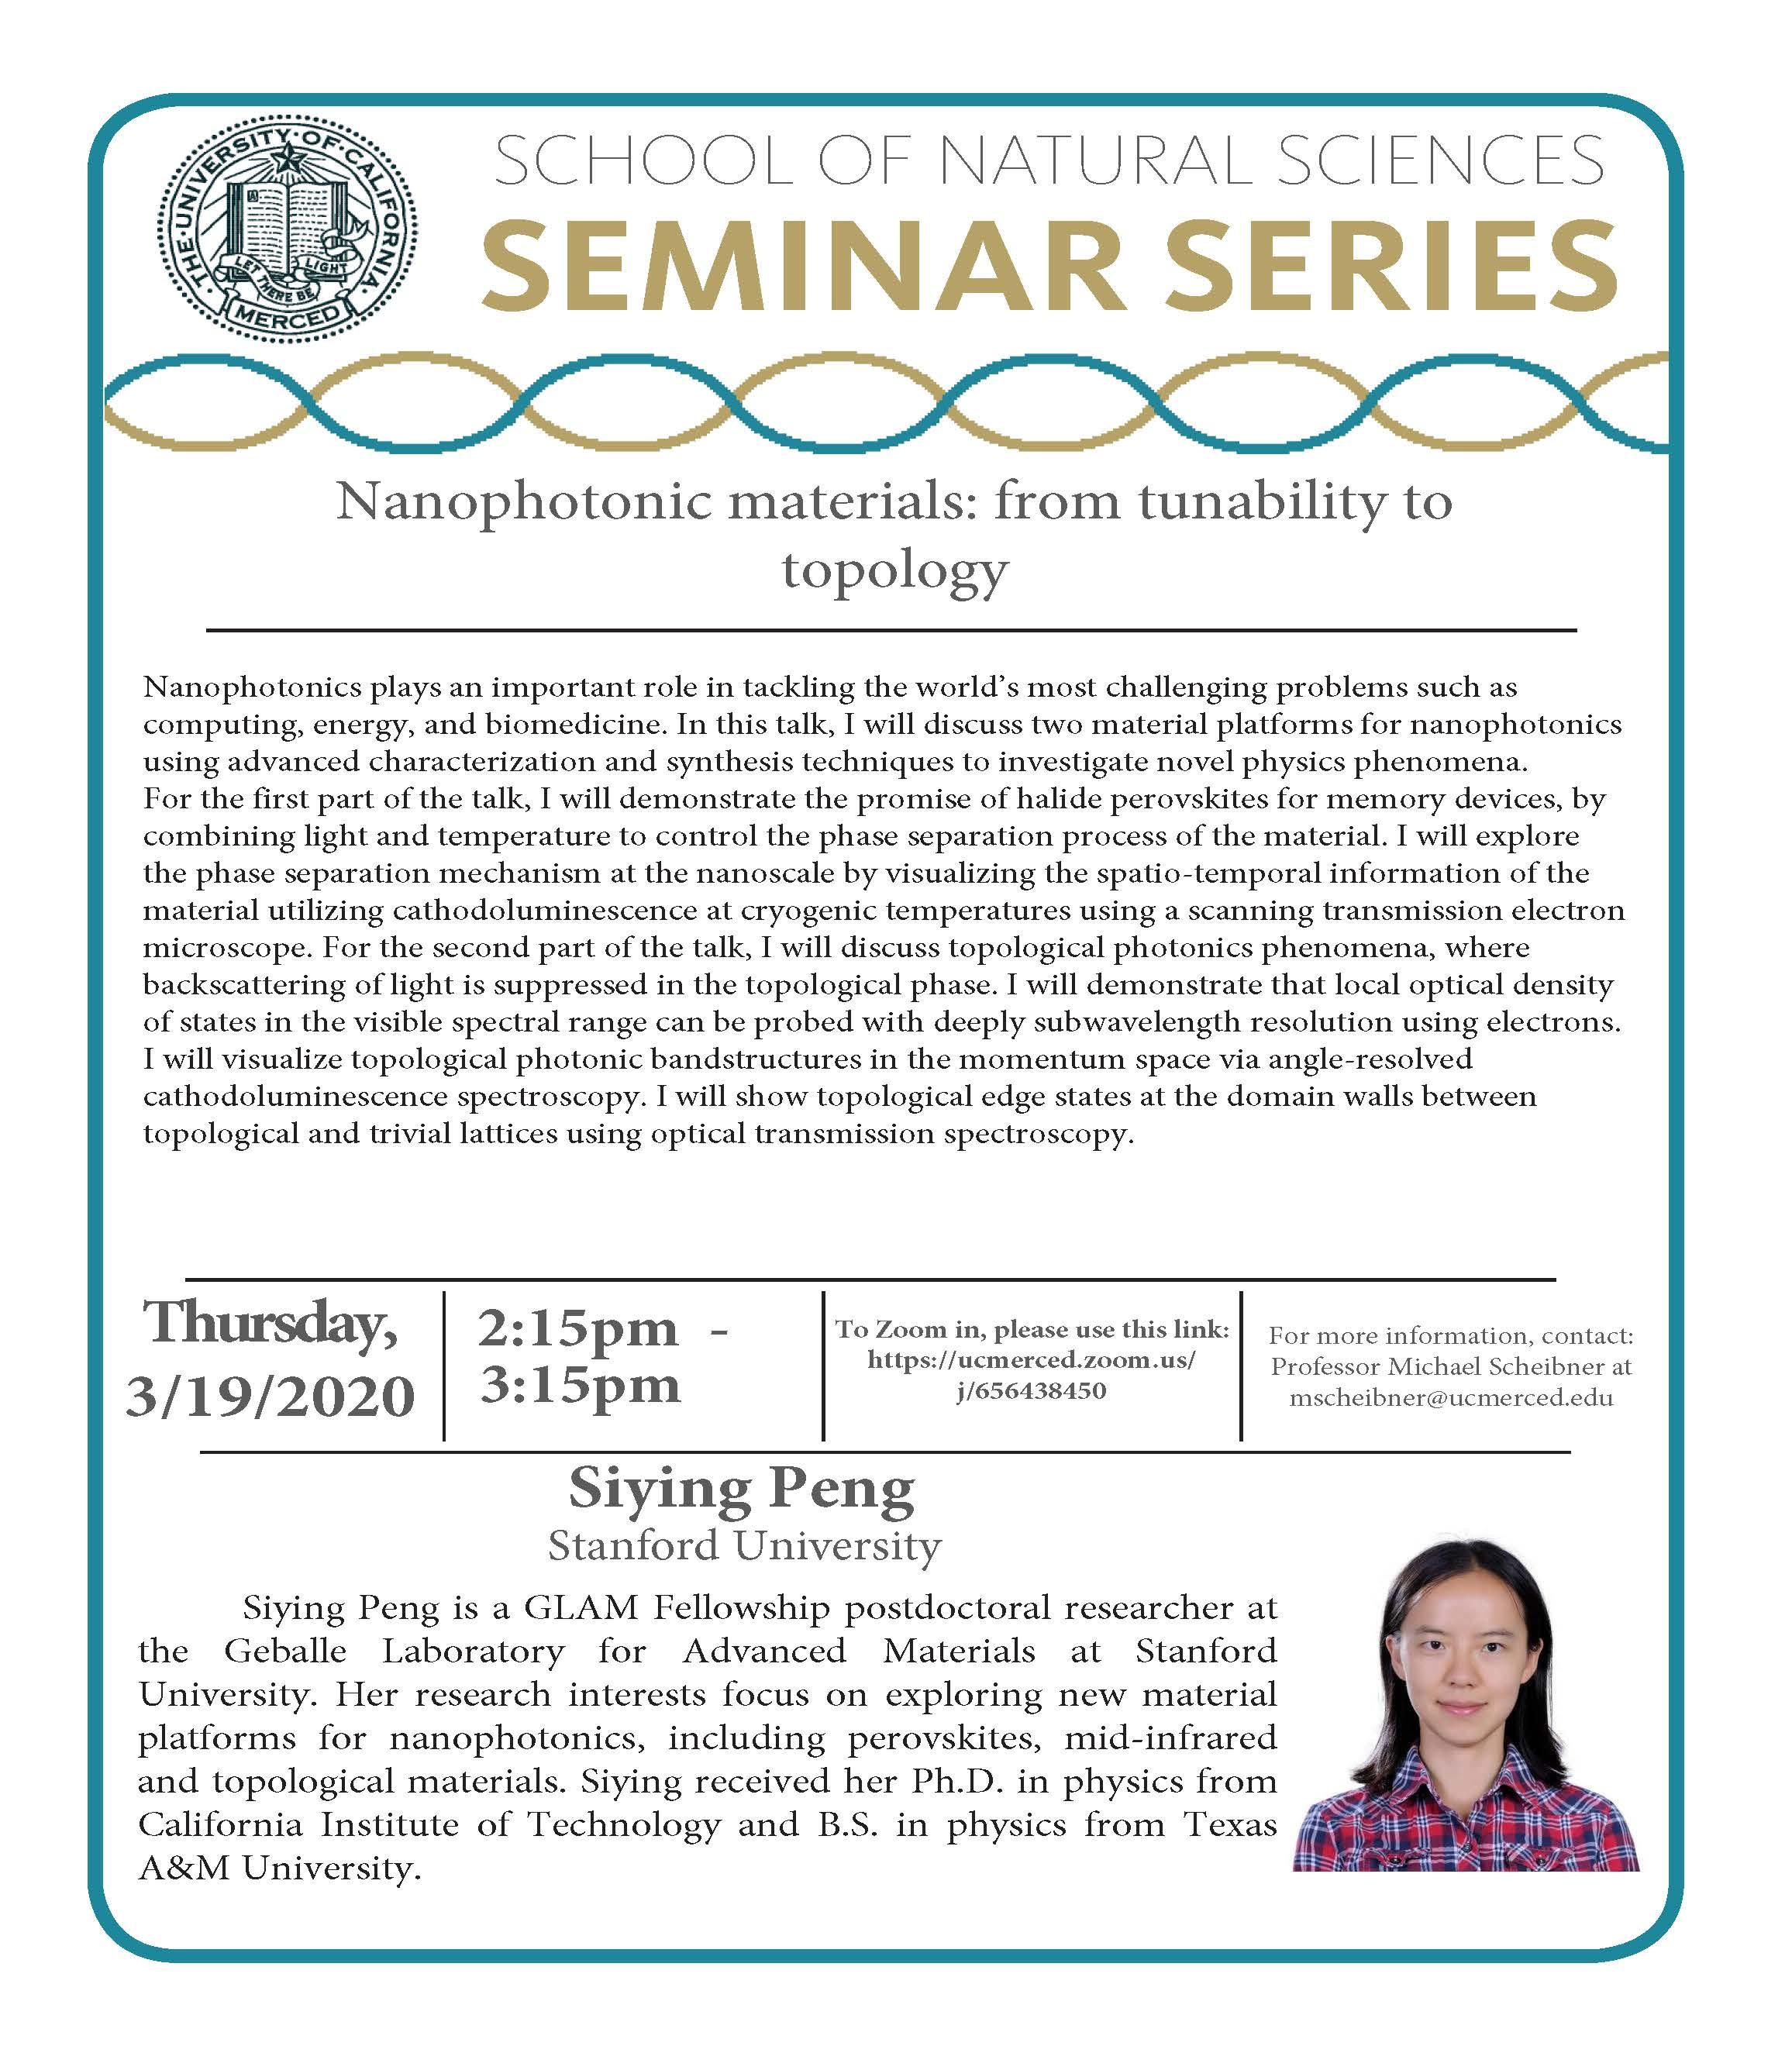 Physics Seminar for Dr. Siying Peng